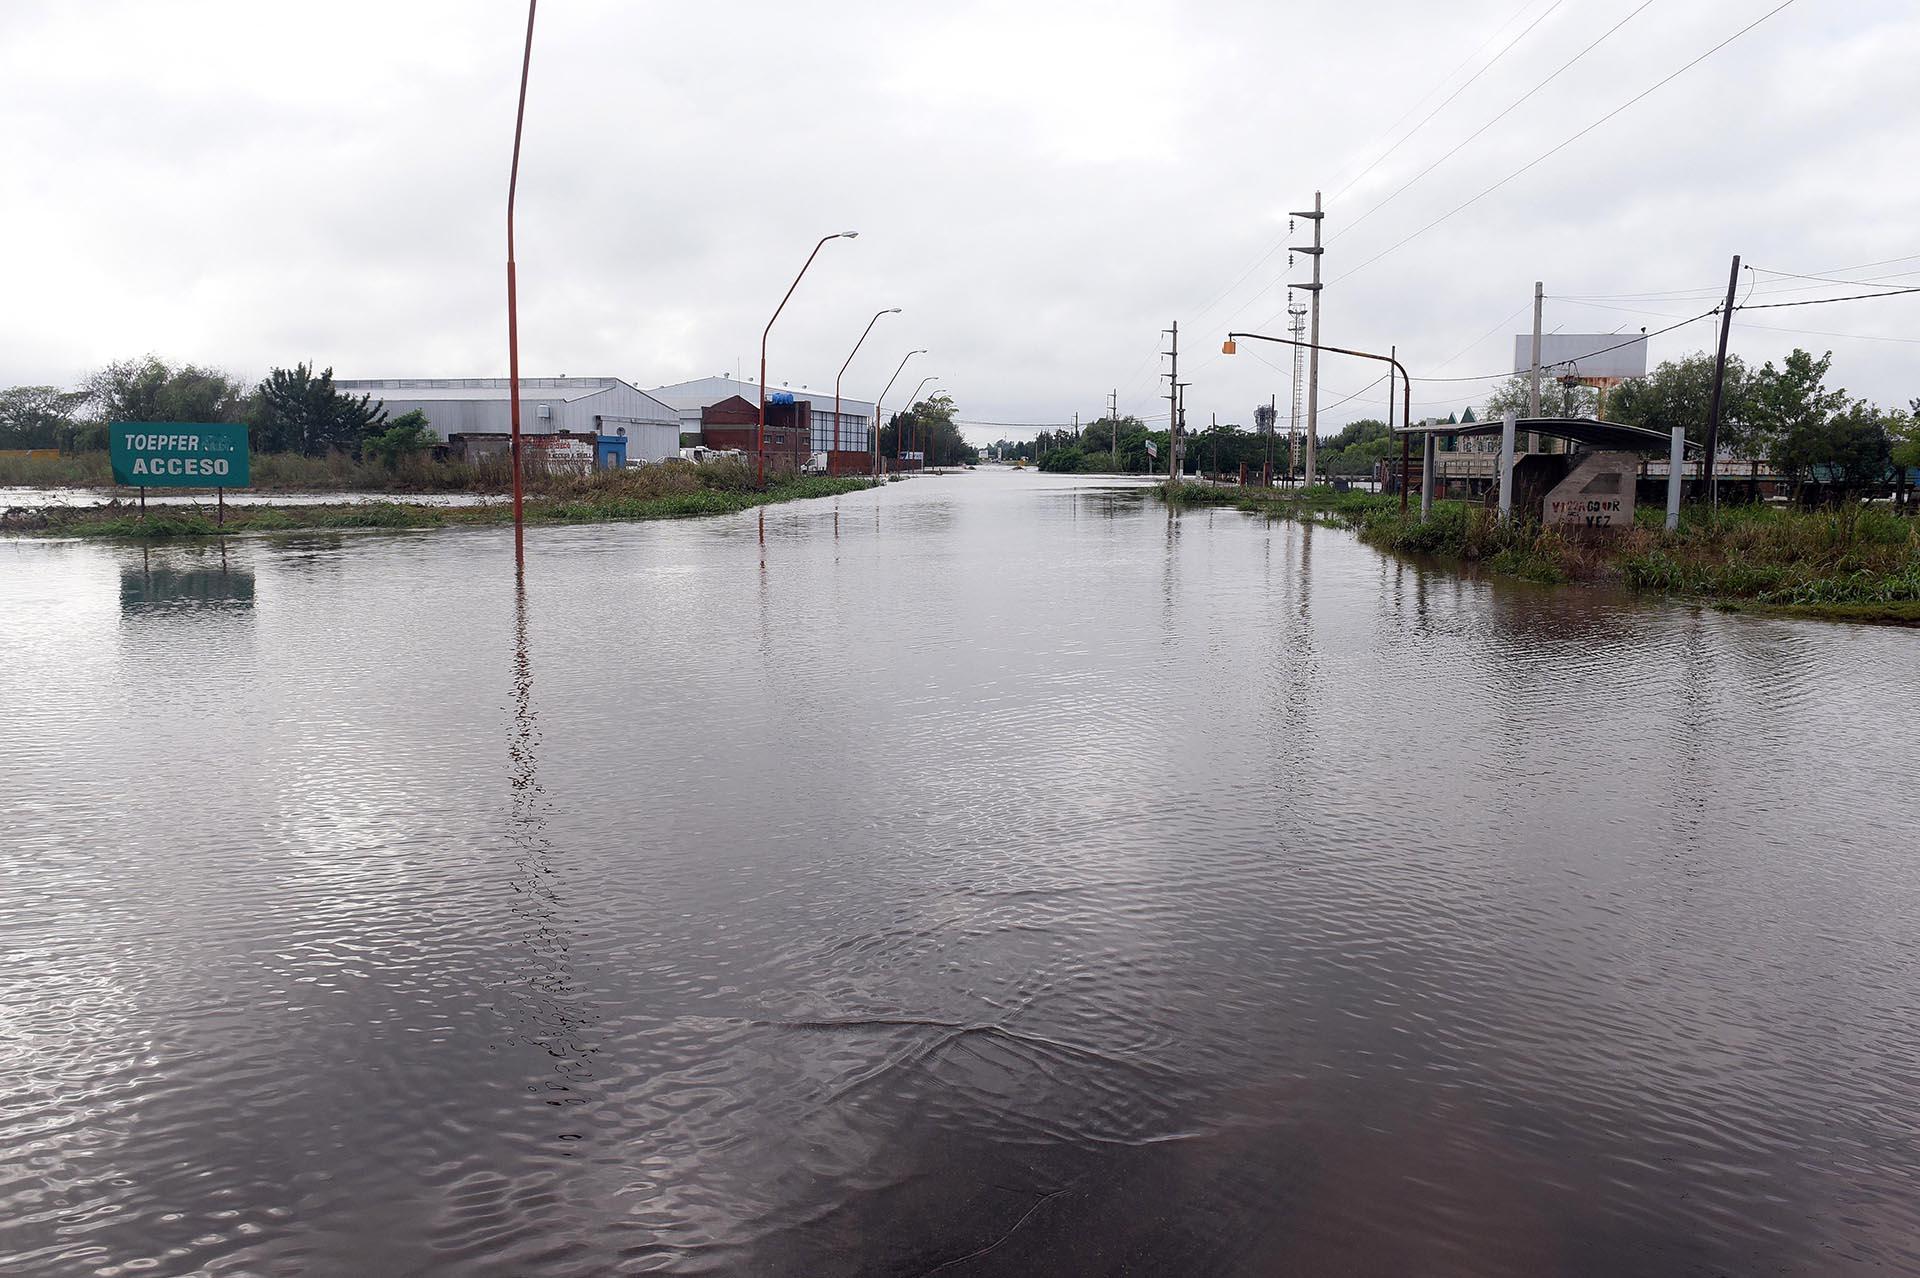 La ciudad de Arroyo Seco fue definitivamente la más afectada. En un lapso de 10 días sufrió su tercer temporal grave y sus instalaciones no dieron abasto